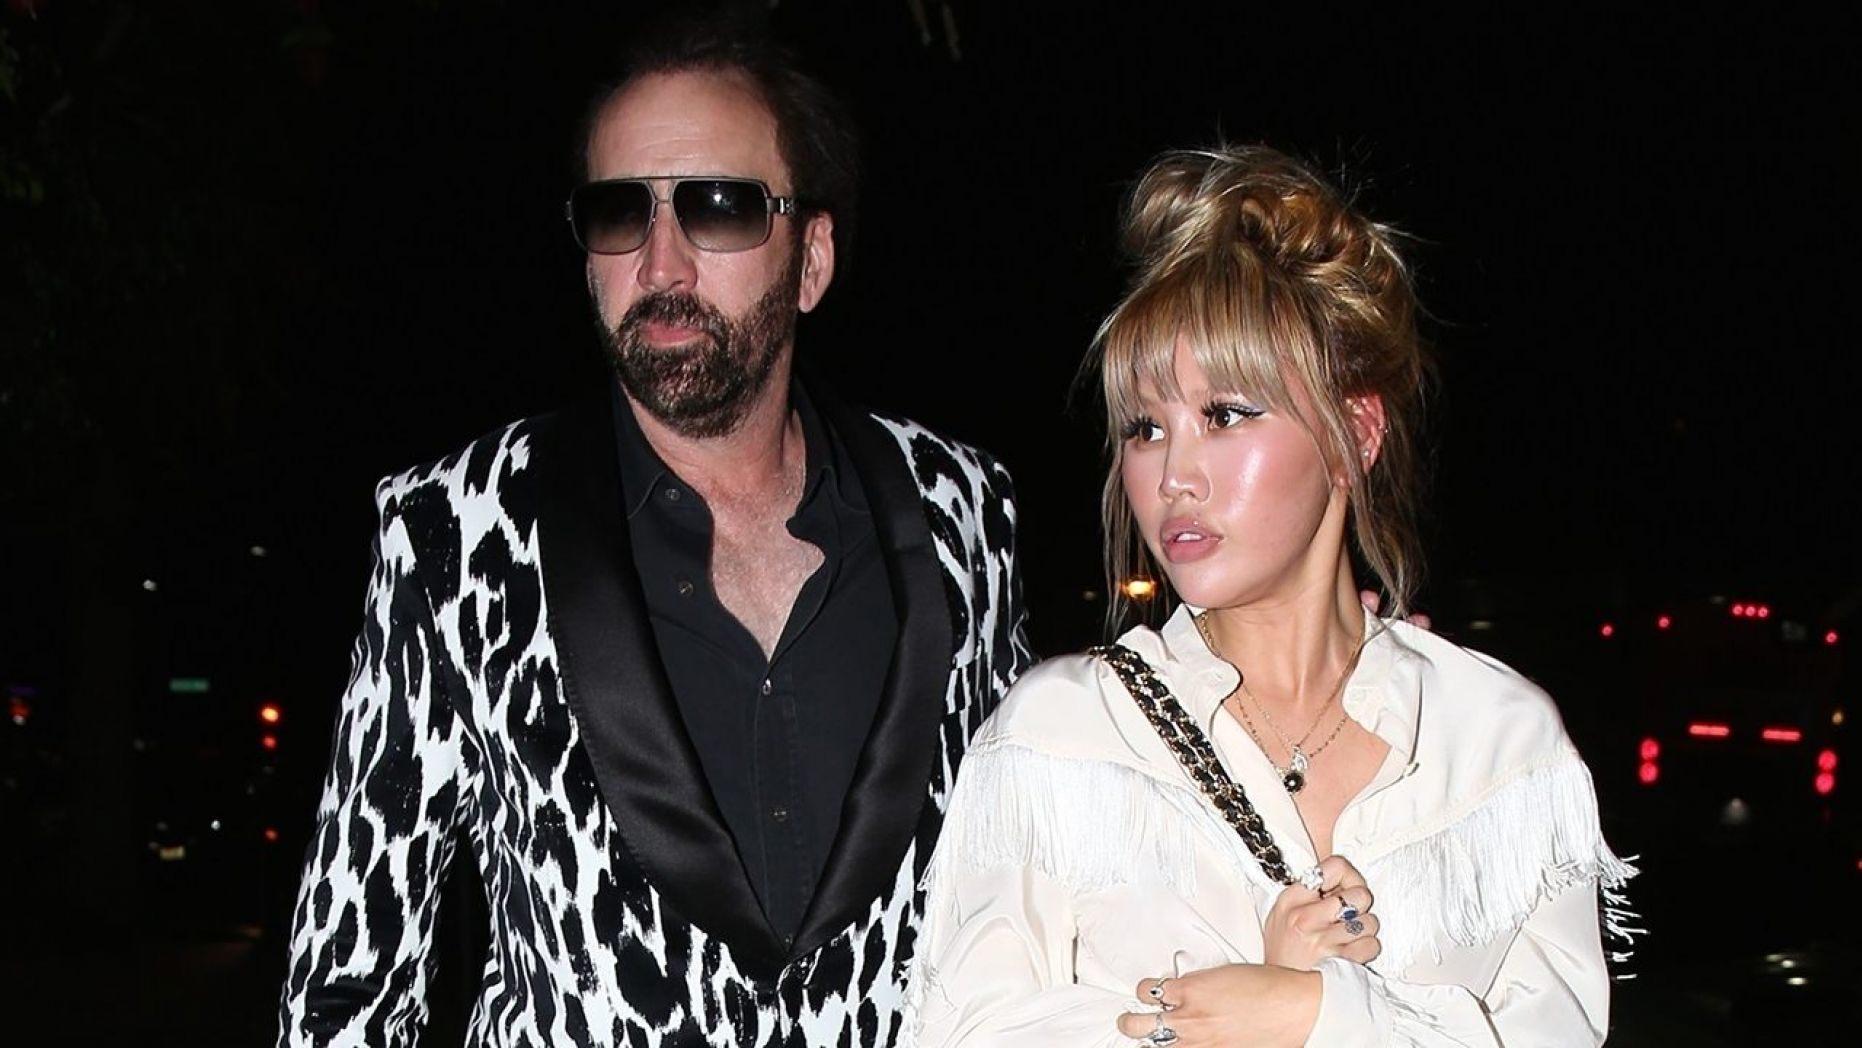 Nicolas Cage a solicitat divorțul de ErikaKoike, la doar patru zile după căsătorie